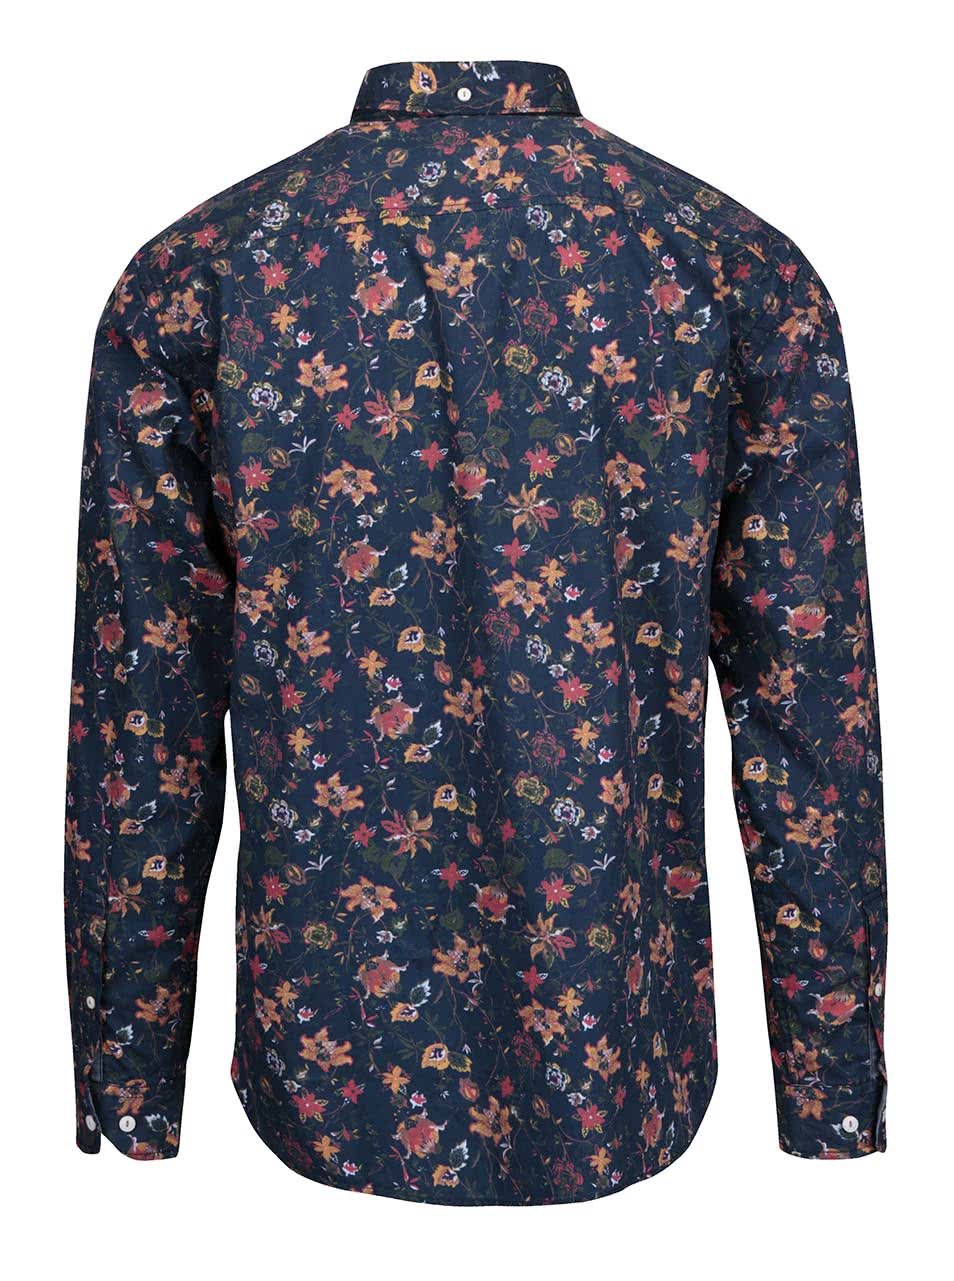 Modrá pánská košile s květinovým vzorem Lindbergh ... cc0ed073b6